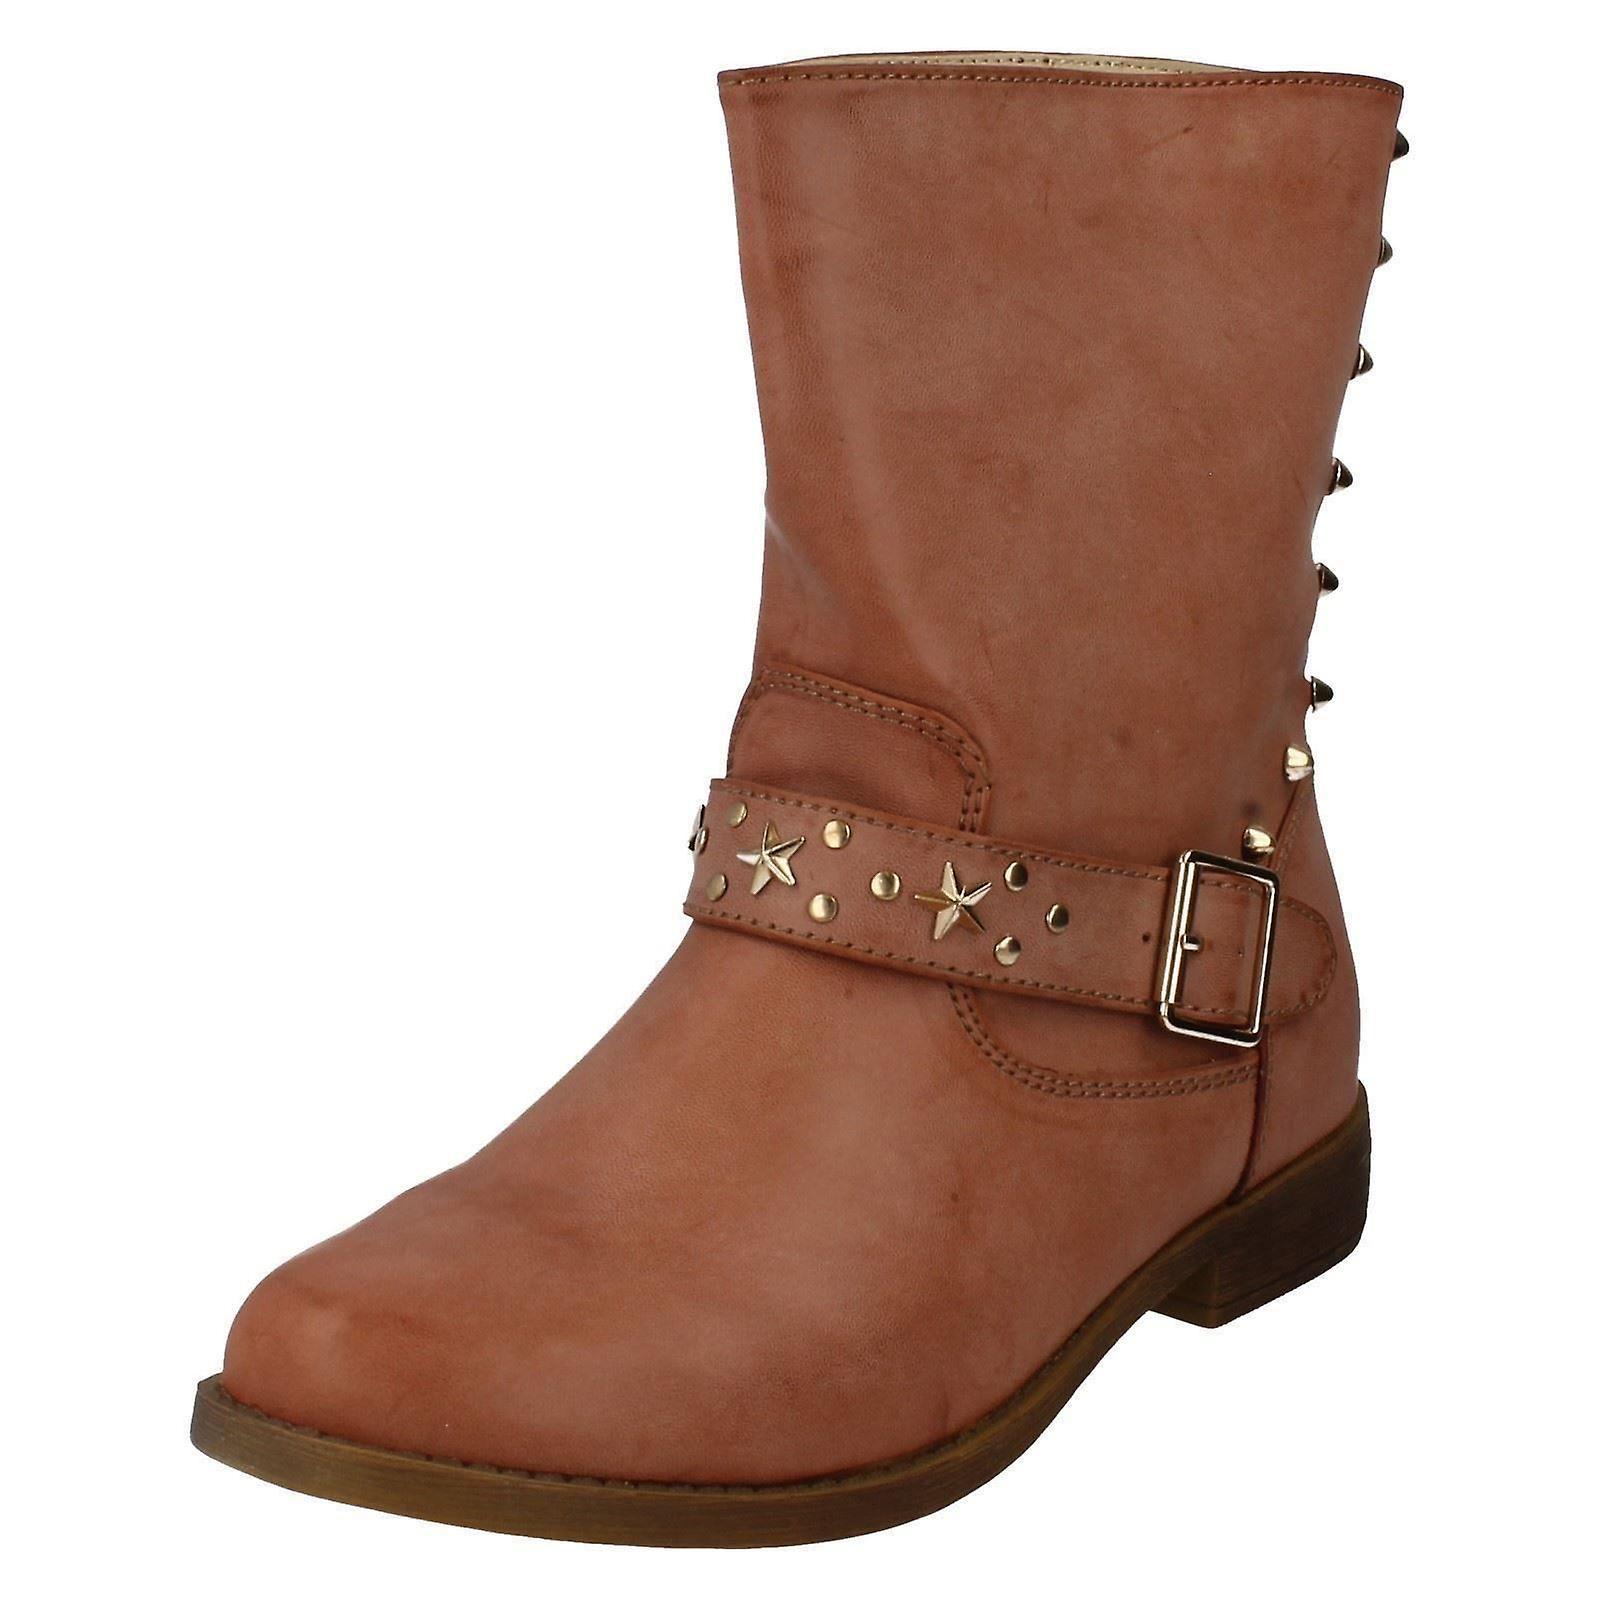 Panie w dół do ziemi kostki Style buty - F5843 05N12